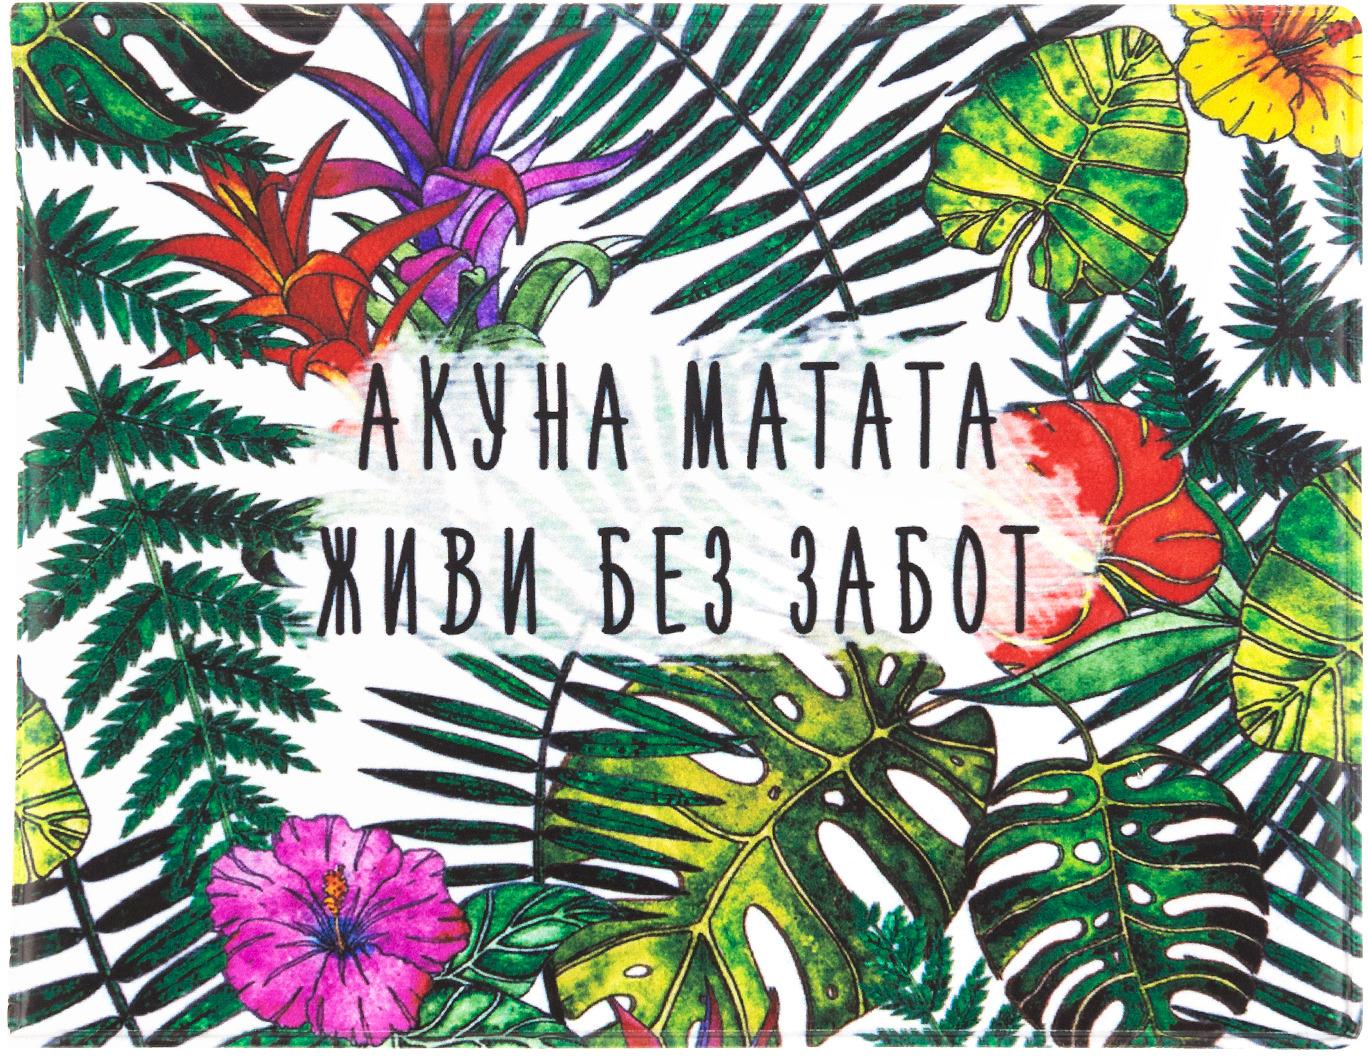 Обложка на студенческий билет Kawaii Factory Акуна Матата, цвет: красный, зеленый, розовый. KW067-000134 обложка на студенческий билет kawaii factory мастер спорта по неадекватности цвет белый оранжевый kw067 000133